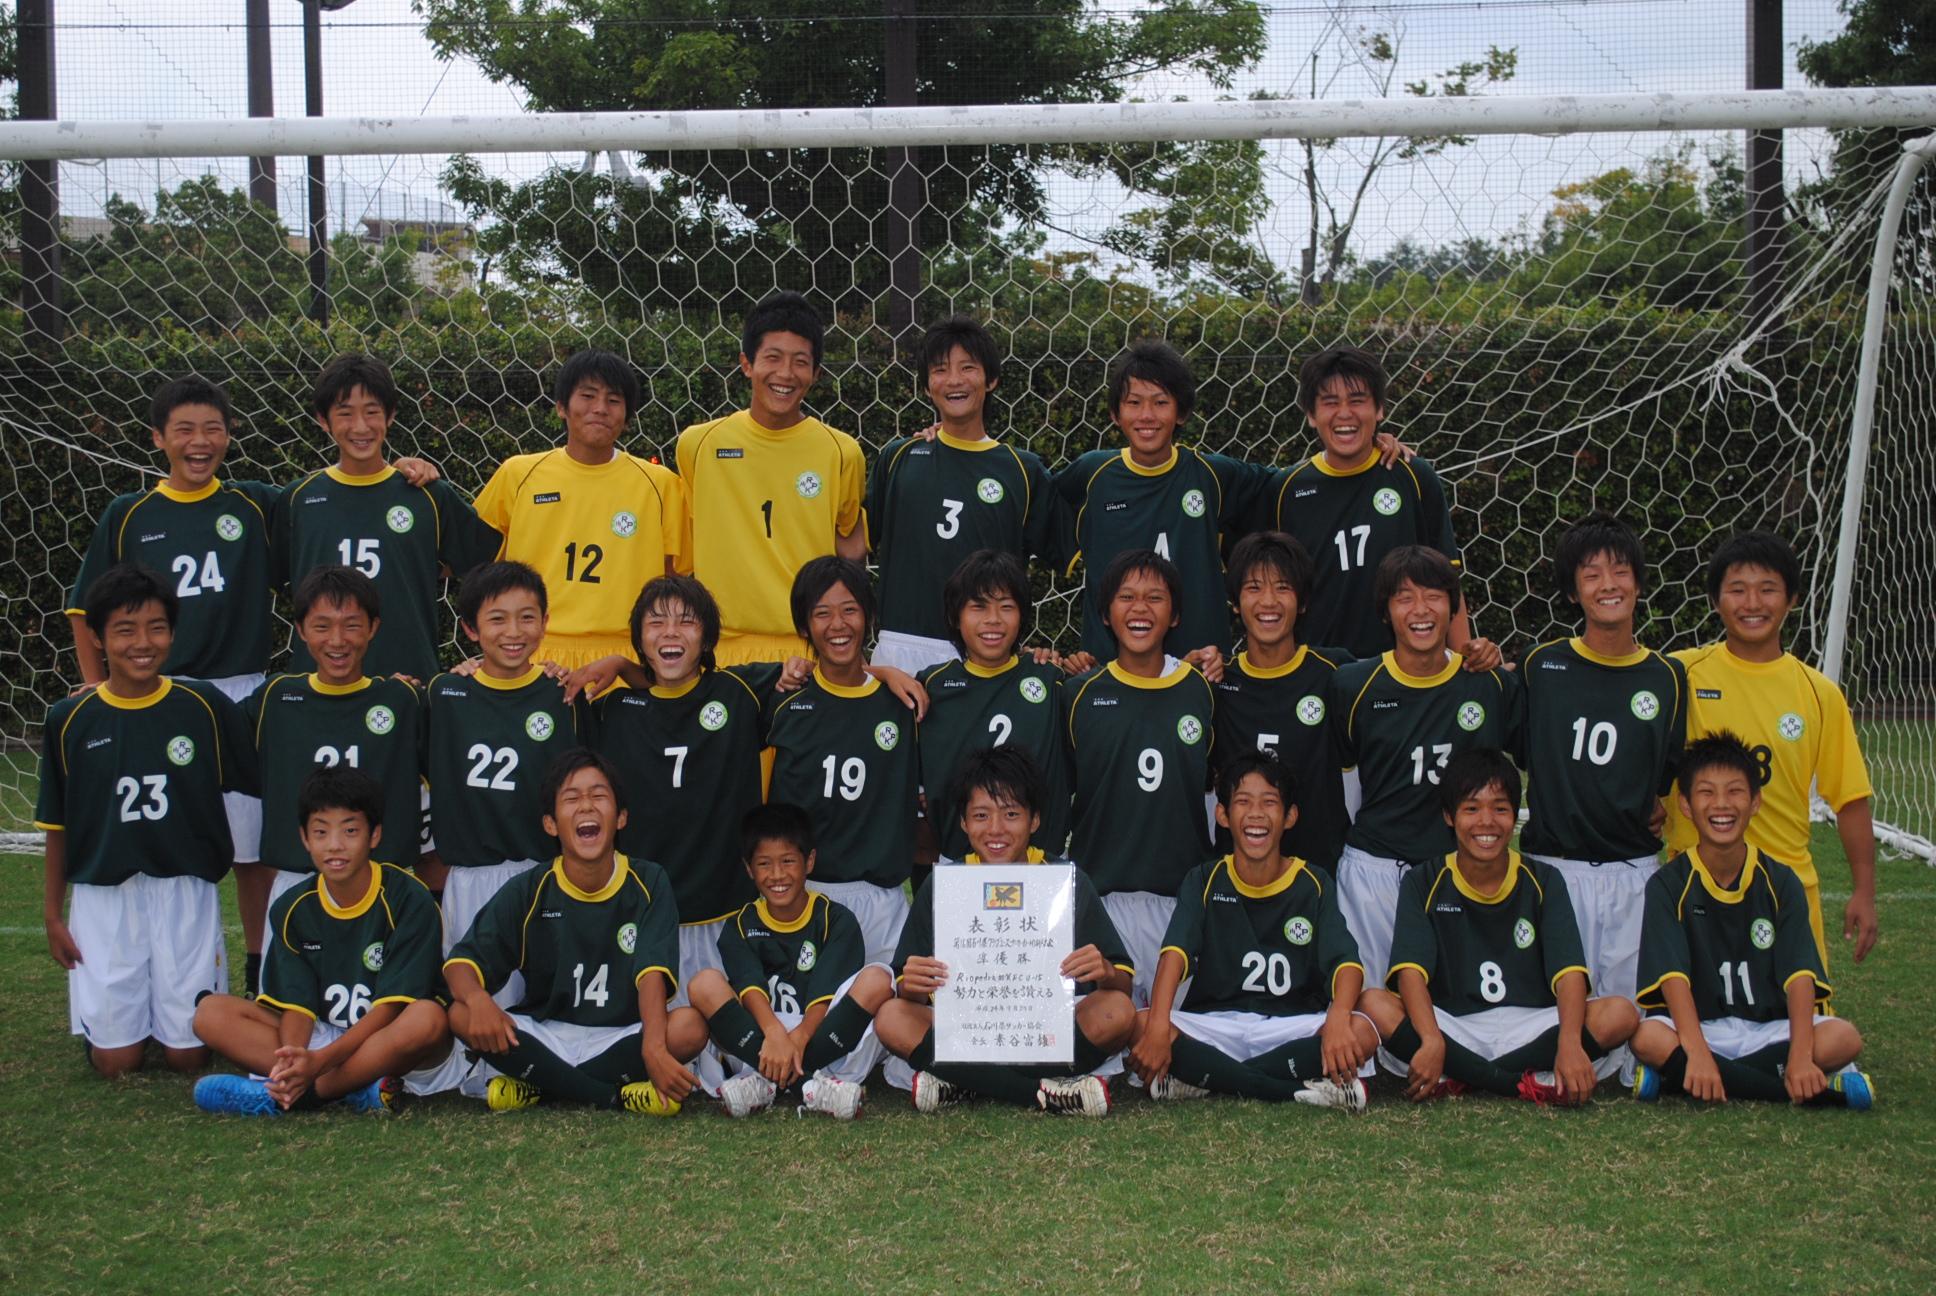 石川県クラブユース新人大会(U-14)試合日程のご案内